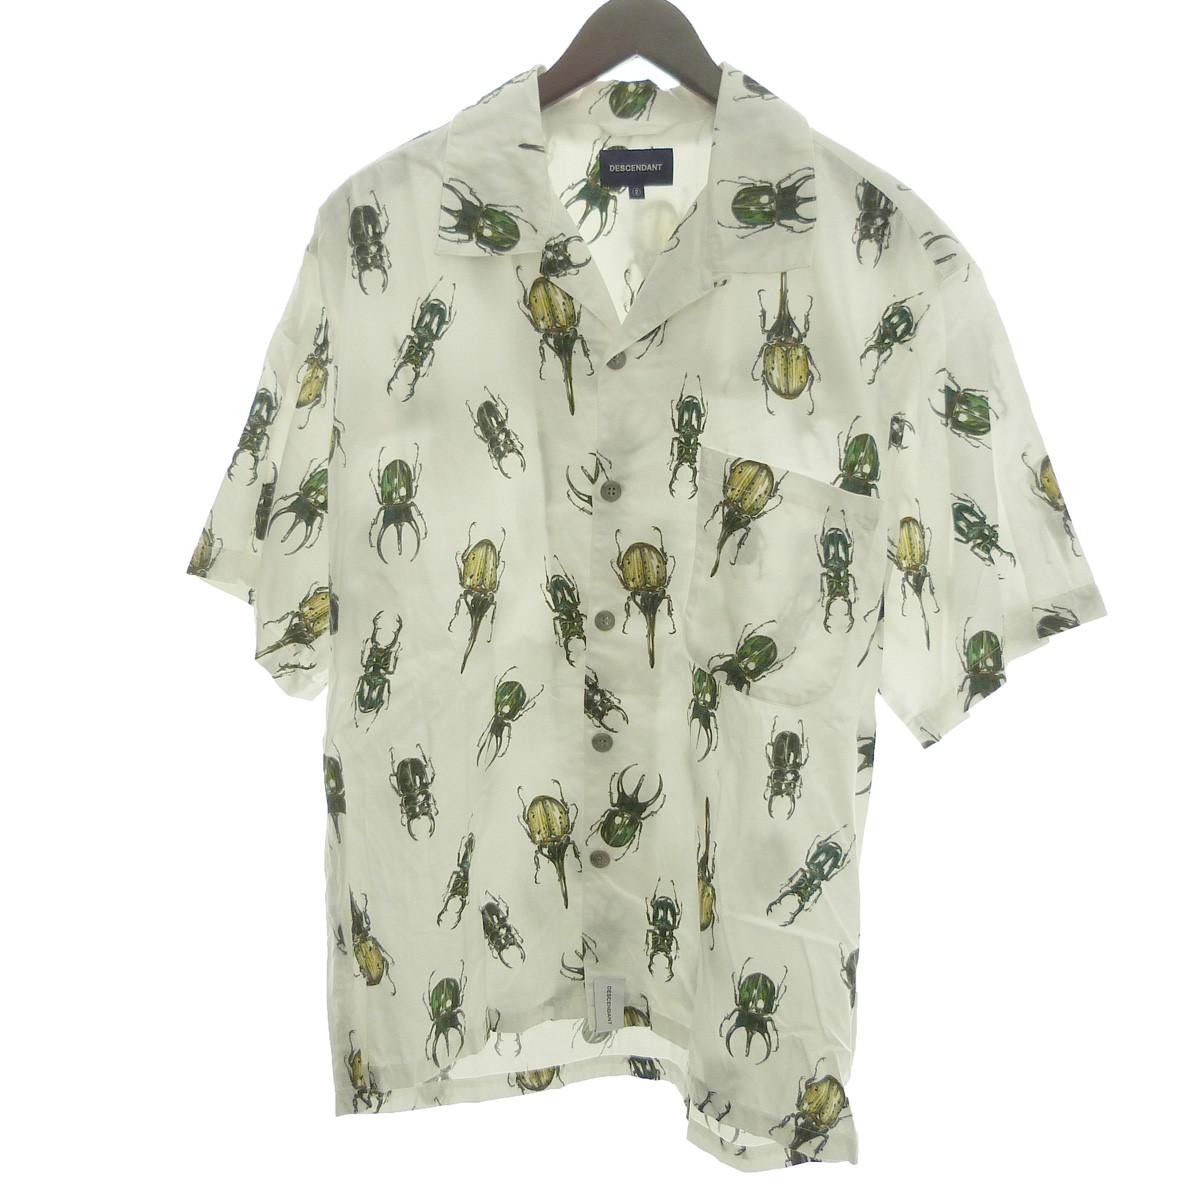 【中古】DESCENDANT 「CAUCASUS TEXTILE SS SHIRT」オープンカラーシャツ ホワイト サイズ:2 【300420】(ディセンダント)